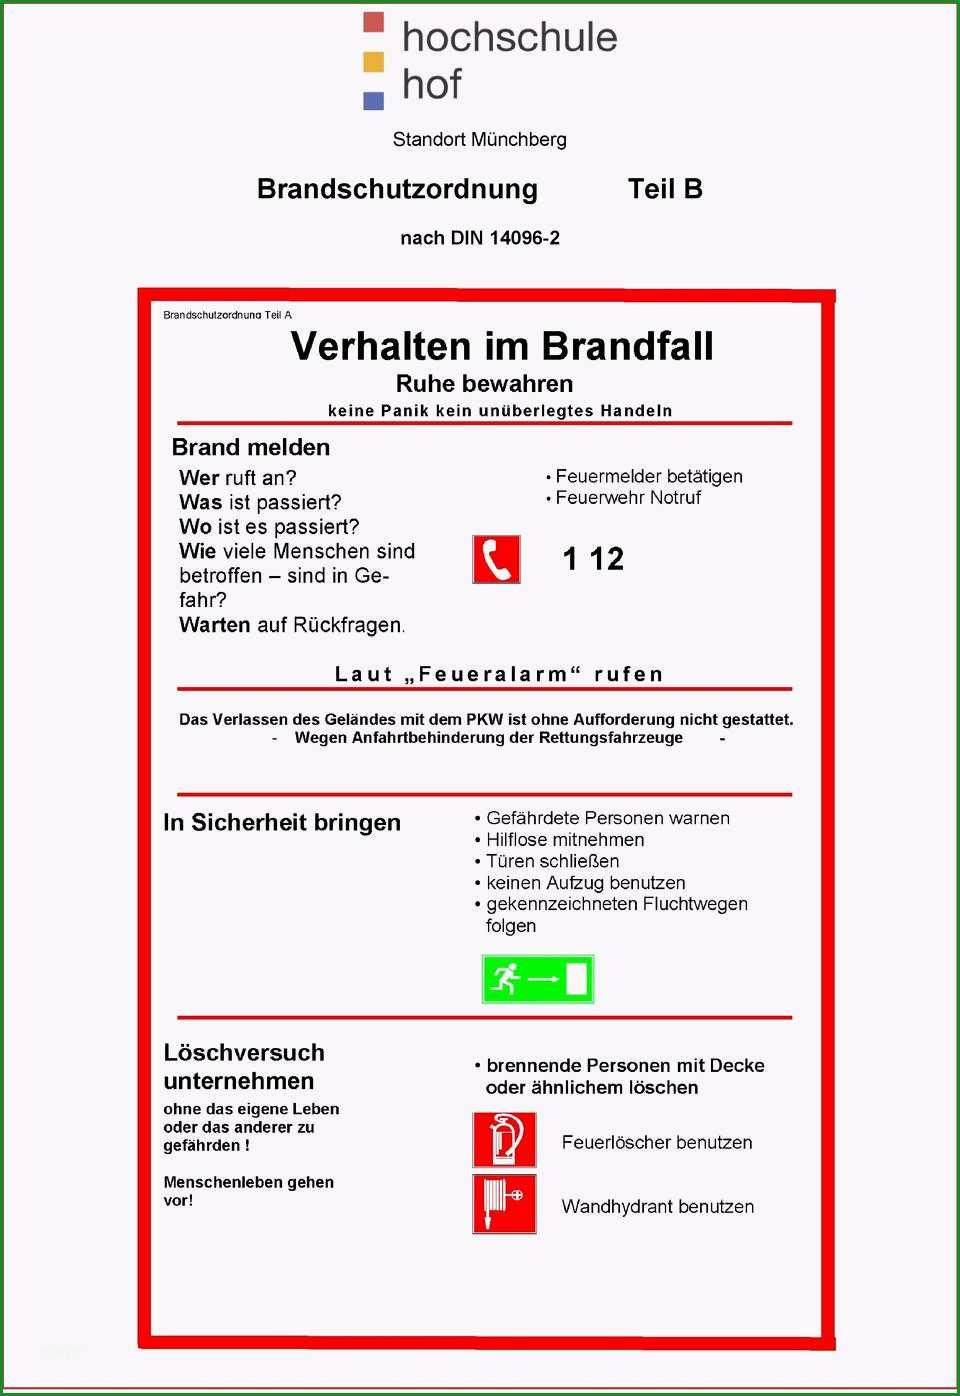 standort m nchberg brandschutzordnung nach din pdf